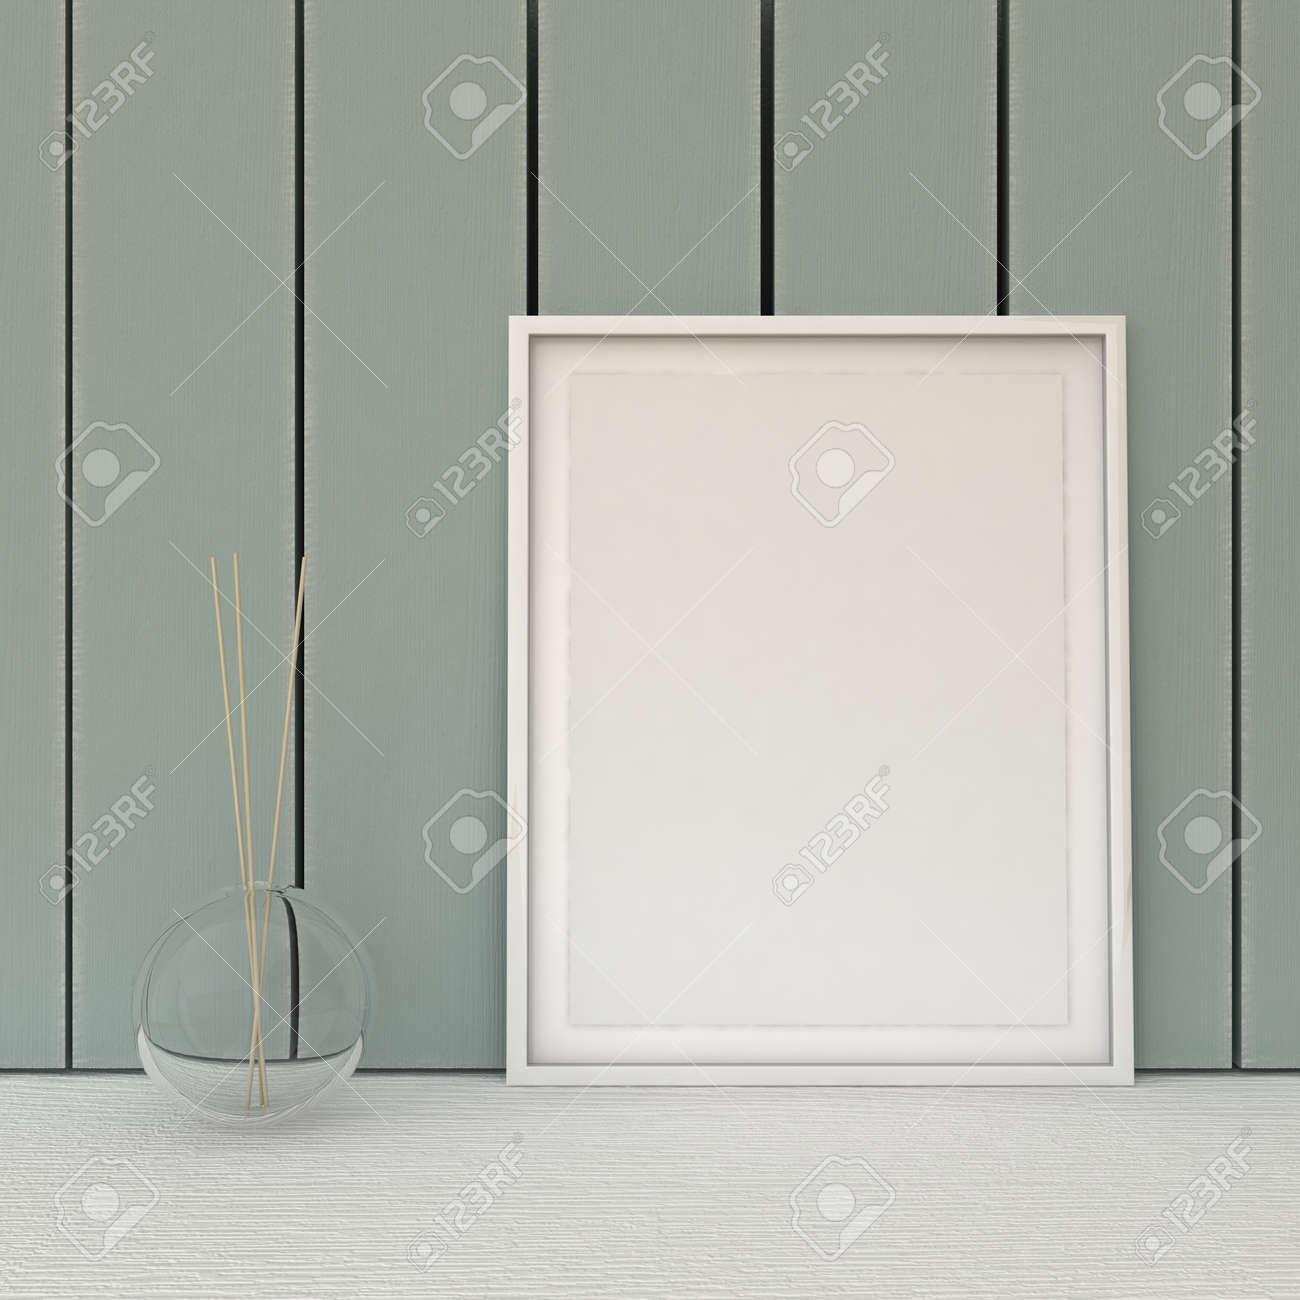 image vide dans le cadre chic minable, style vintage. décoration d